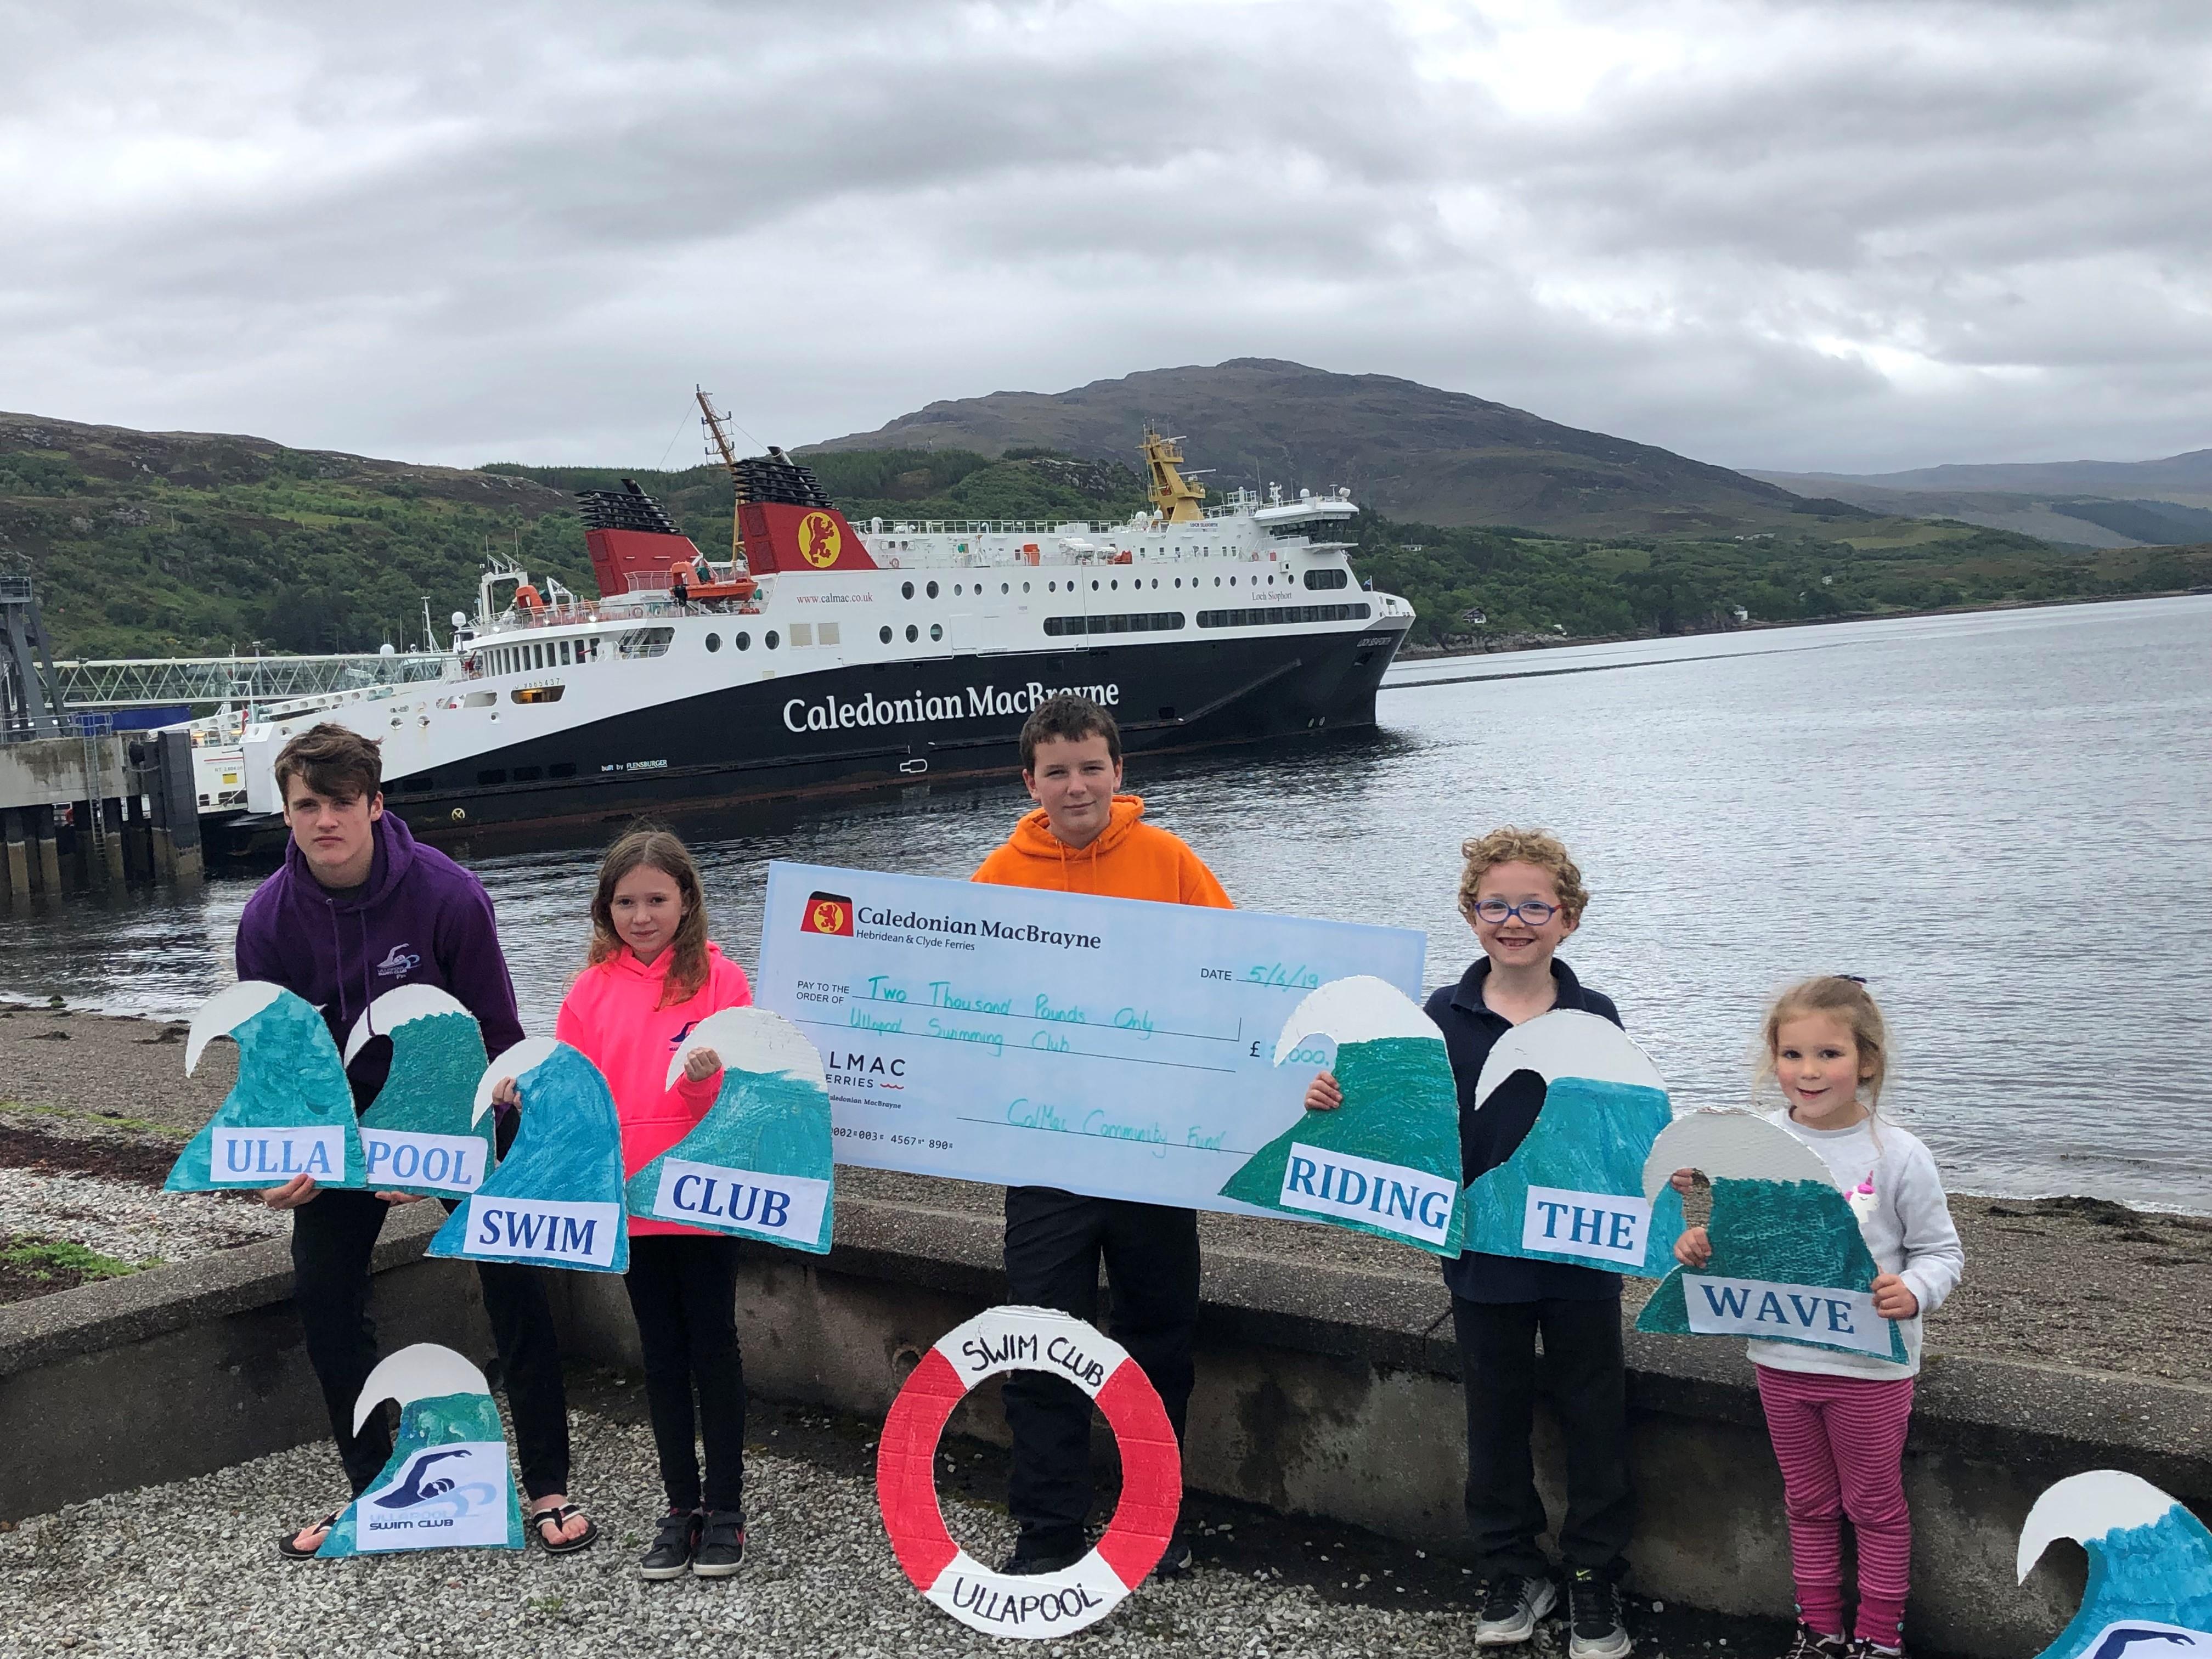 Junior members of the Ullapool Swim Club show off their CalMac Community Fund cheque.